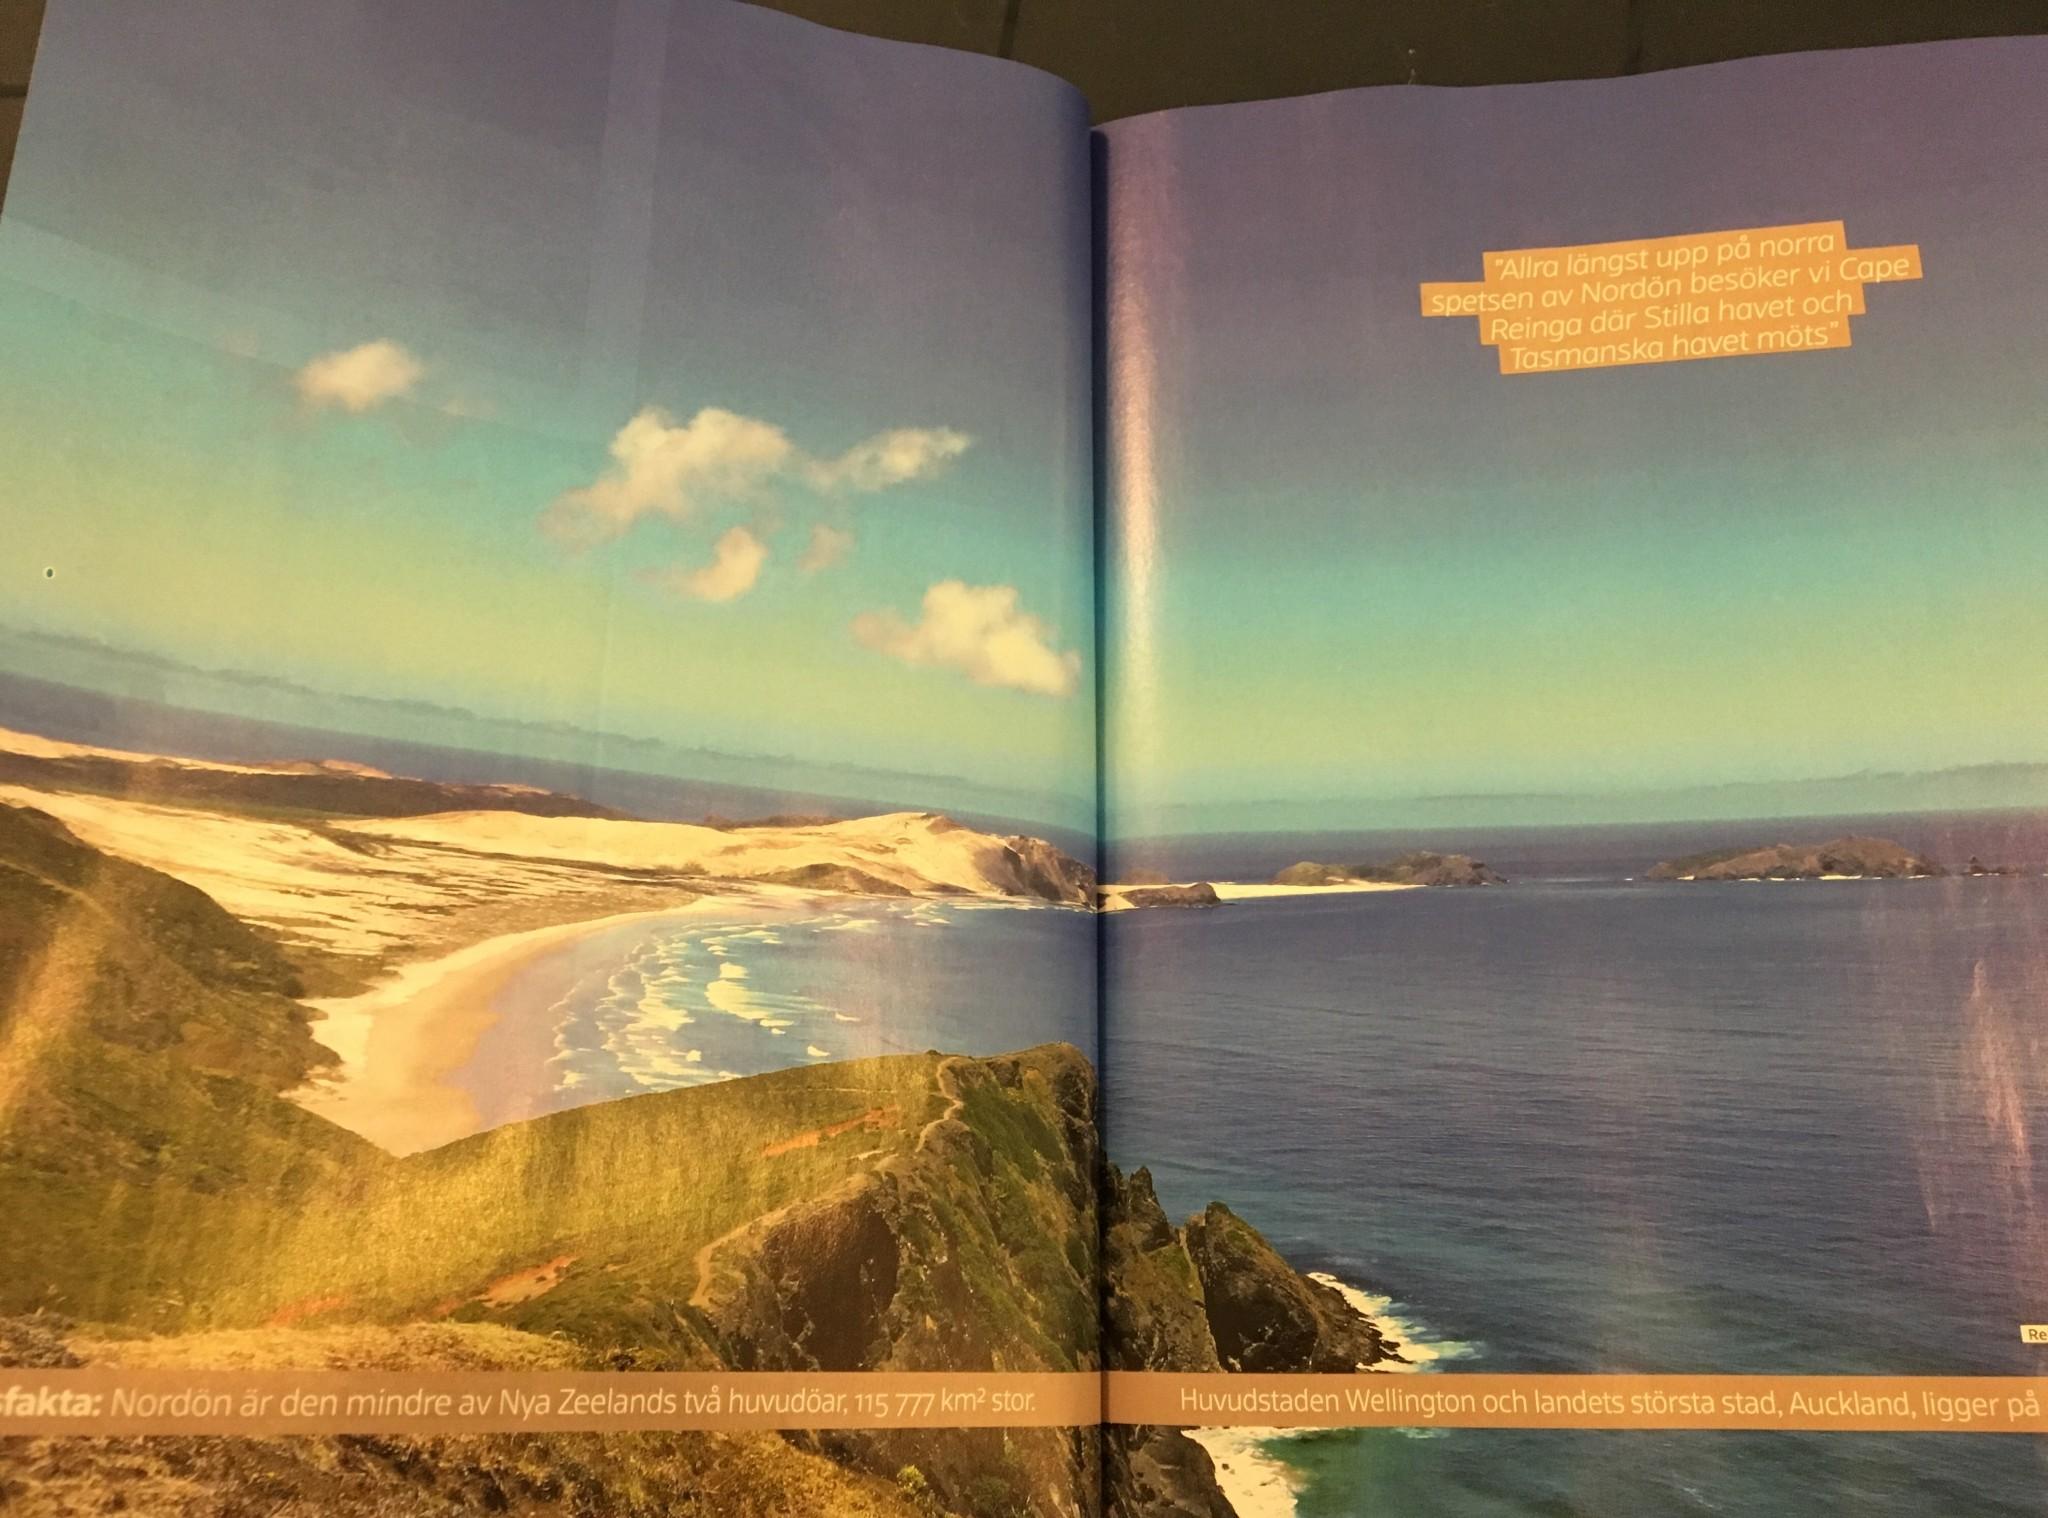 resereportage nya zeeland från nordön